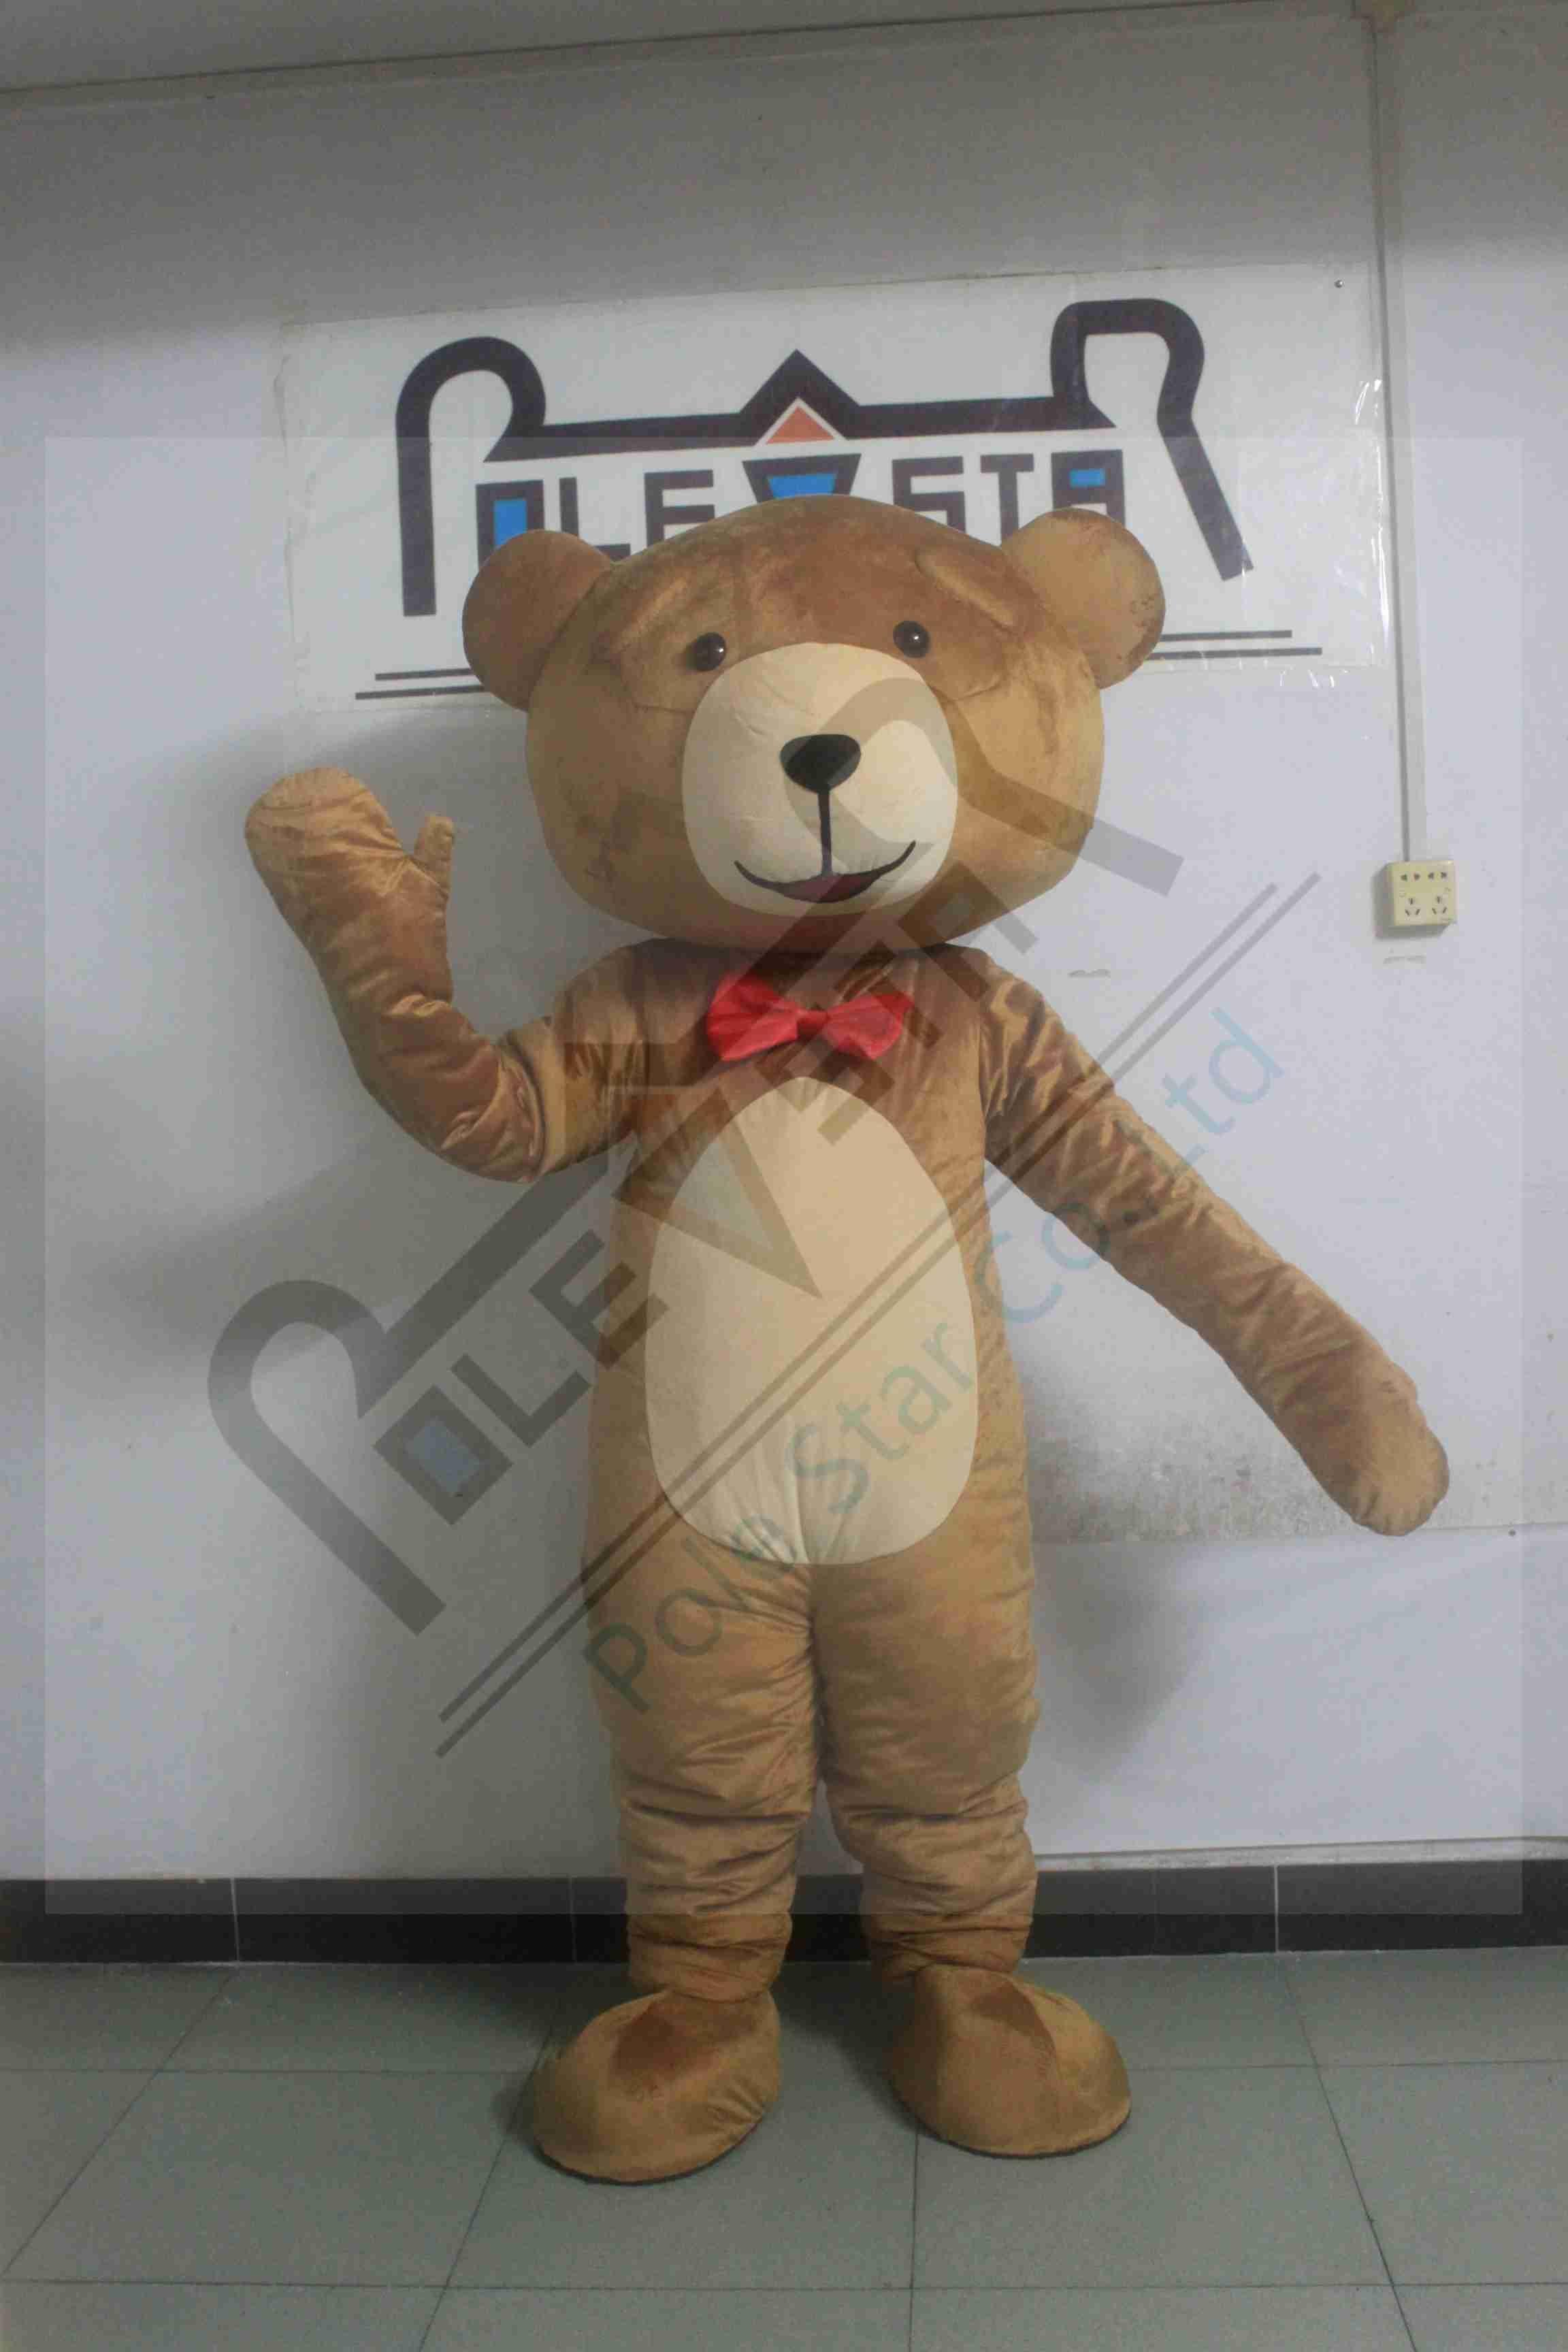 Вежливый Мишка талисман костюмы красный бант мультфильм плюшевый талисман костюмы коричневый медведь ростовой костюм в виде пиццы ted